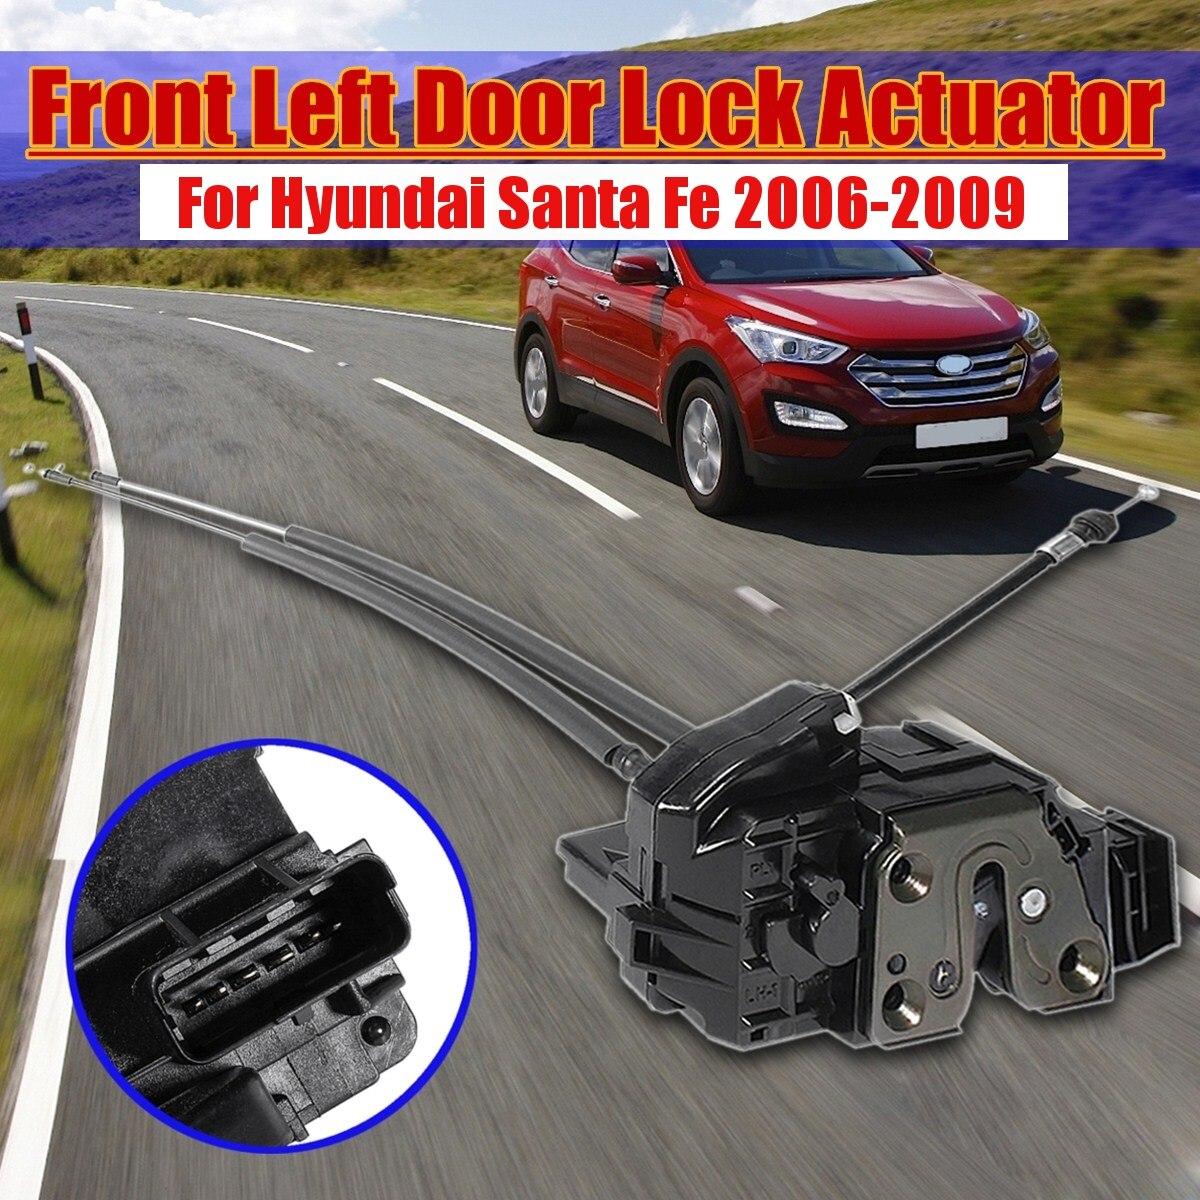 813102B020 Car Front left Side Power Door Lock Actuator Door Lock Actuator For Hyundai Santa Fe 2006 2007 2008 2009